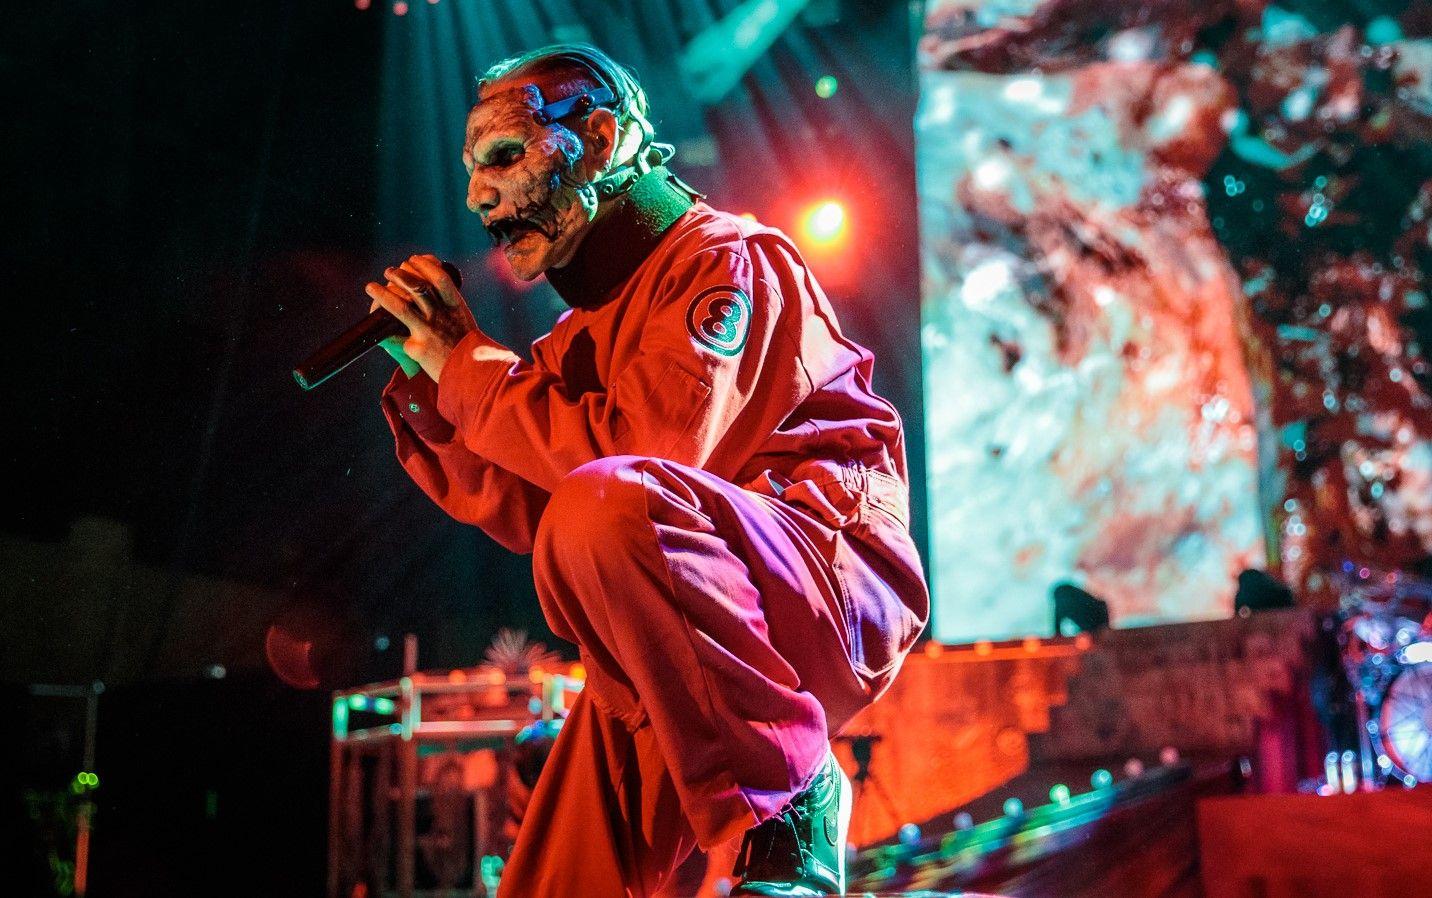 Festival Knotfest de Slipknot podría llegar a nuestro país